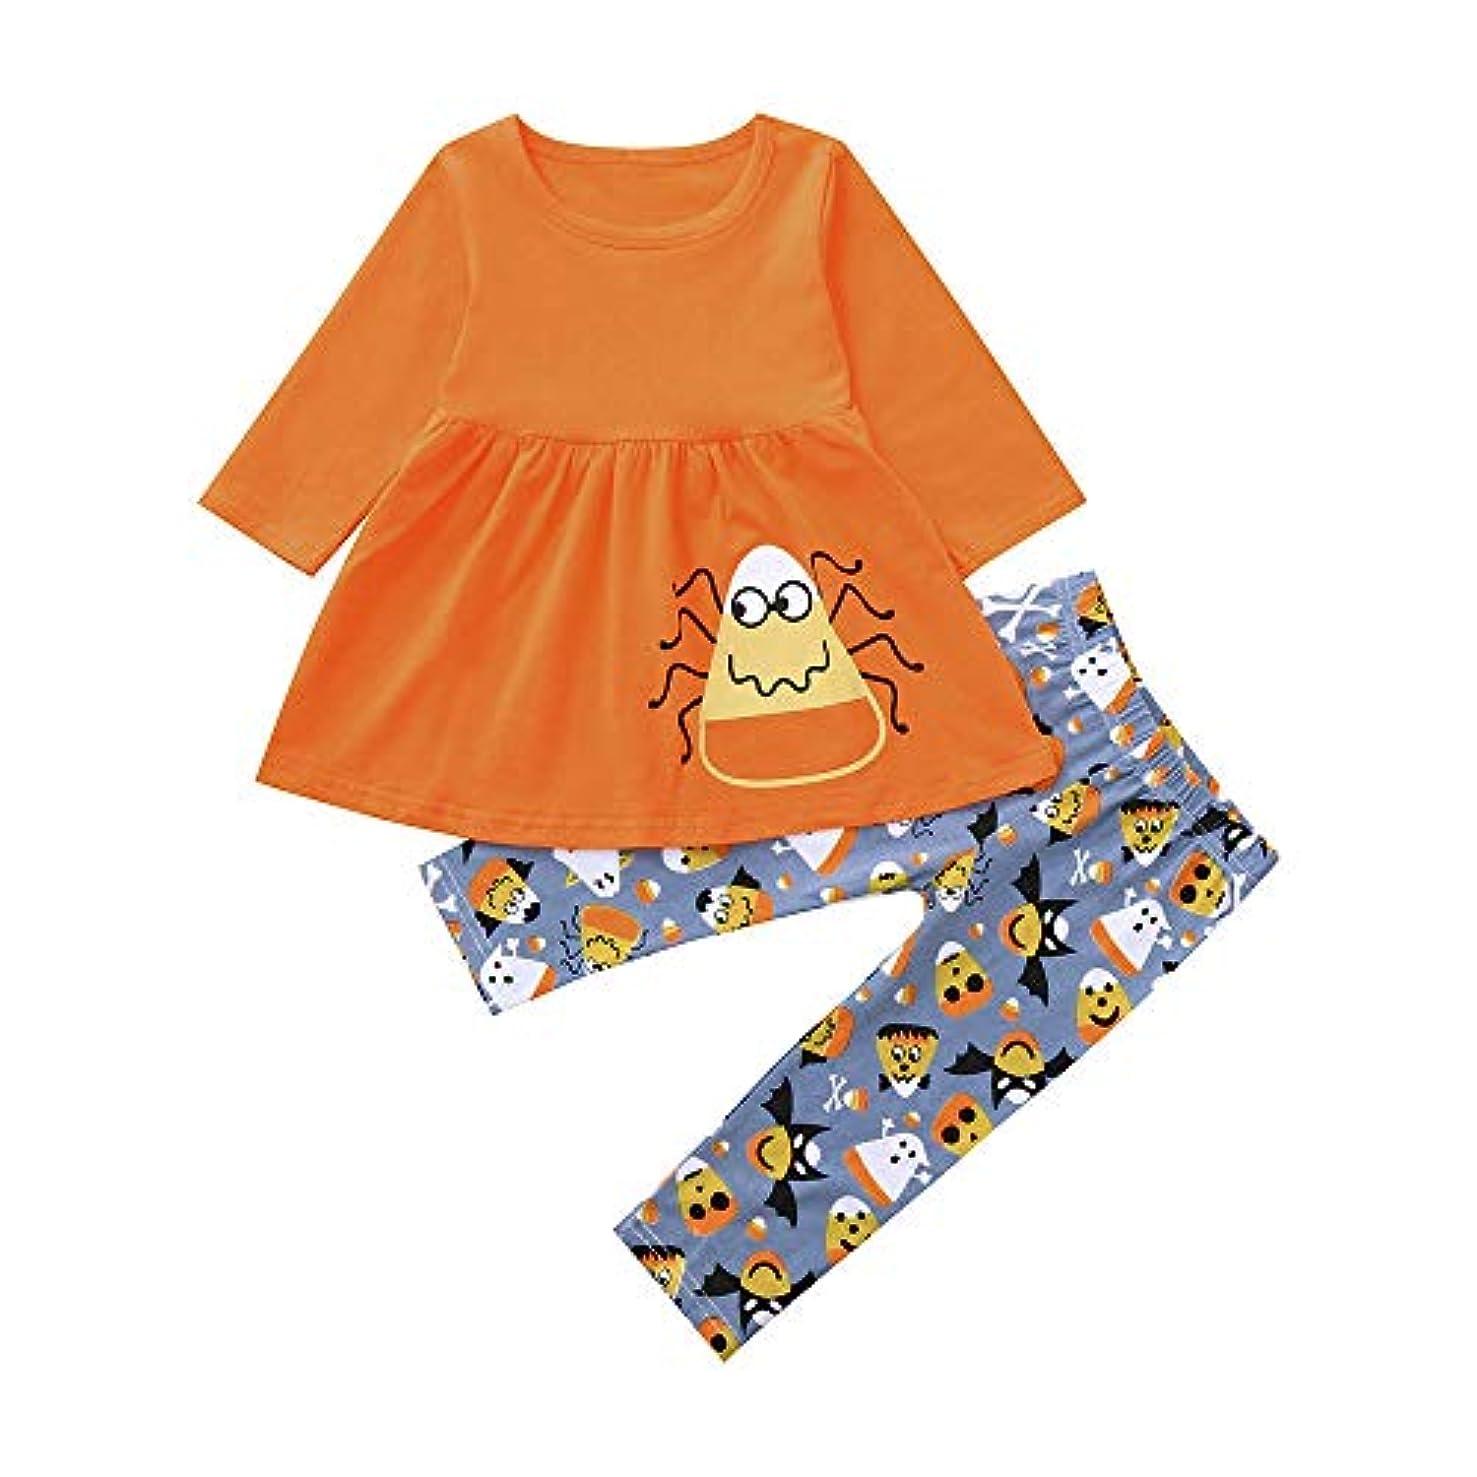 ドライバマーキング自動(プタス) Putars 幼児の女の子ロングスリーブプリントトップス+パンツハロウィーンの装飾セット 24ヶ月 -6 歳